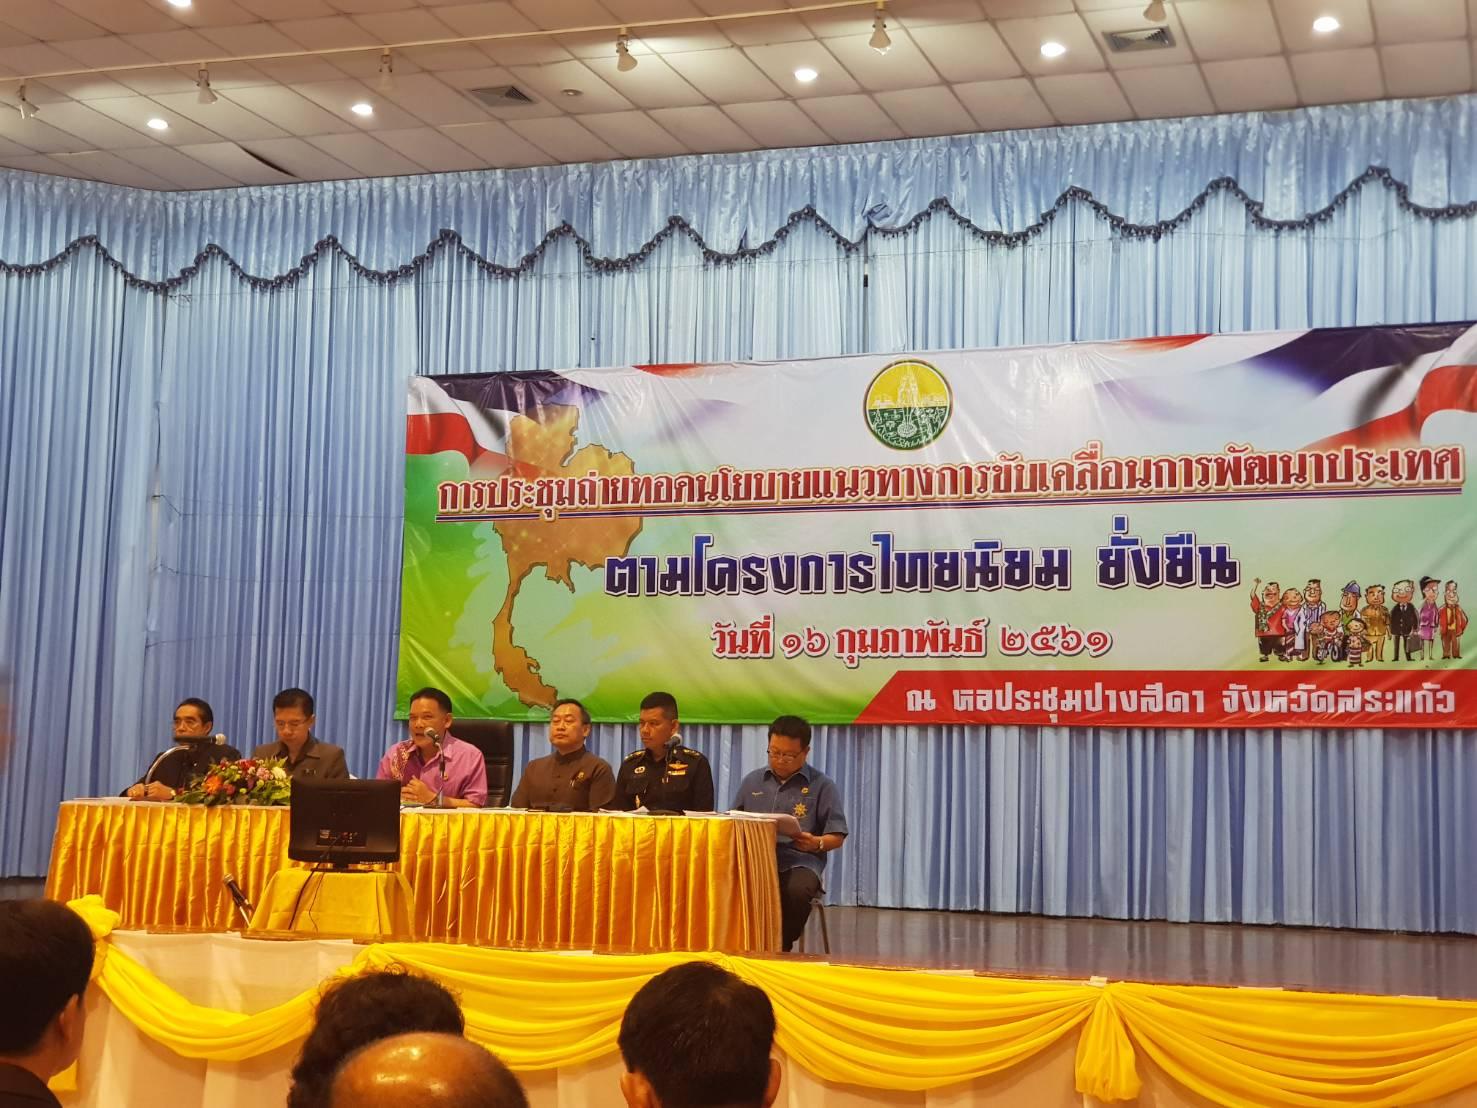 กปภ.สาขาวัฒนานคร เข้าร่วมอบรมถ่ายทอดขั้นตอนวิธีการขับเคลื่อนการพัฒนาประเทศในรูปแบบโครงการไทยนิยม ยั่งยืน